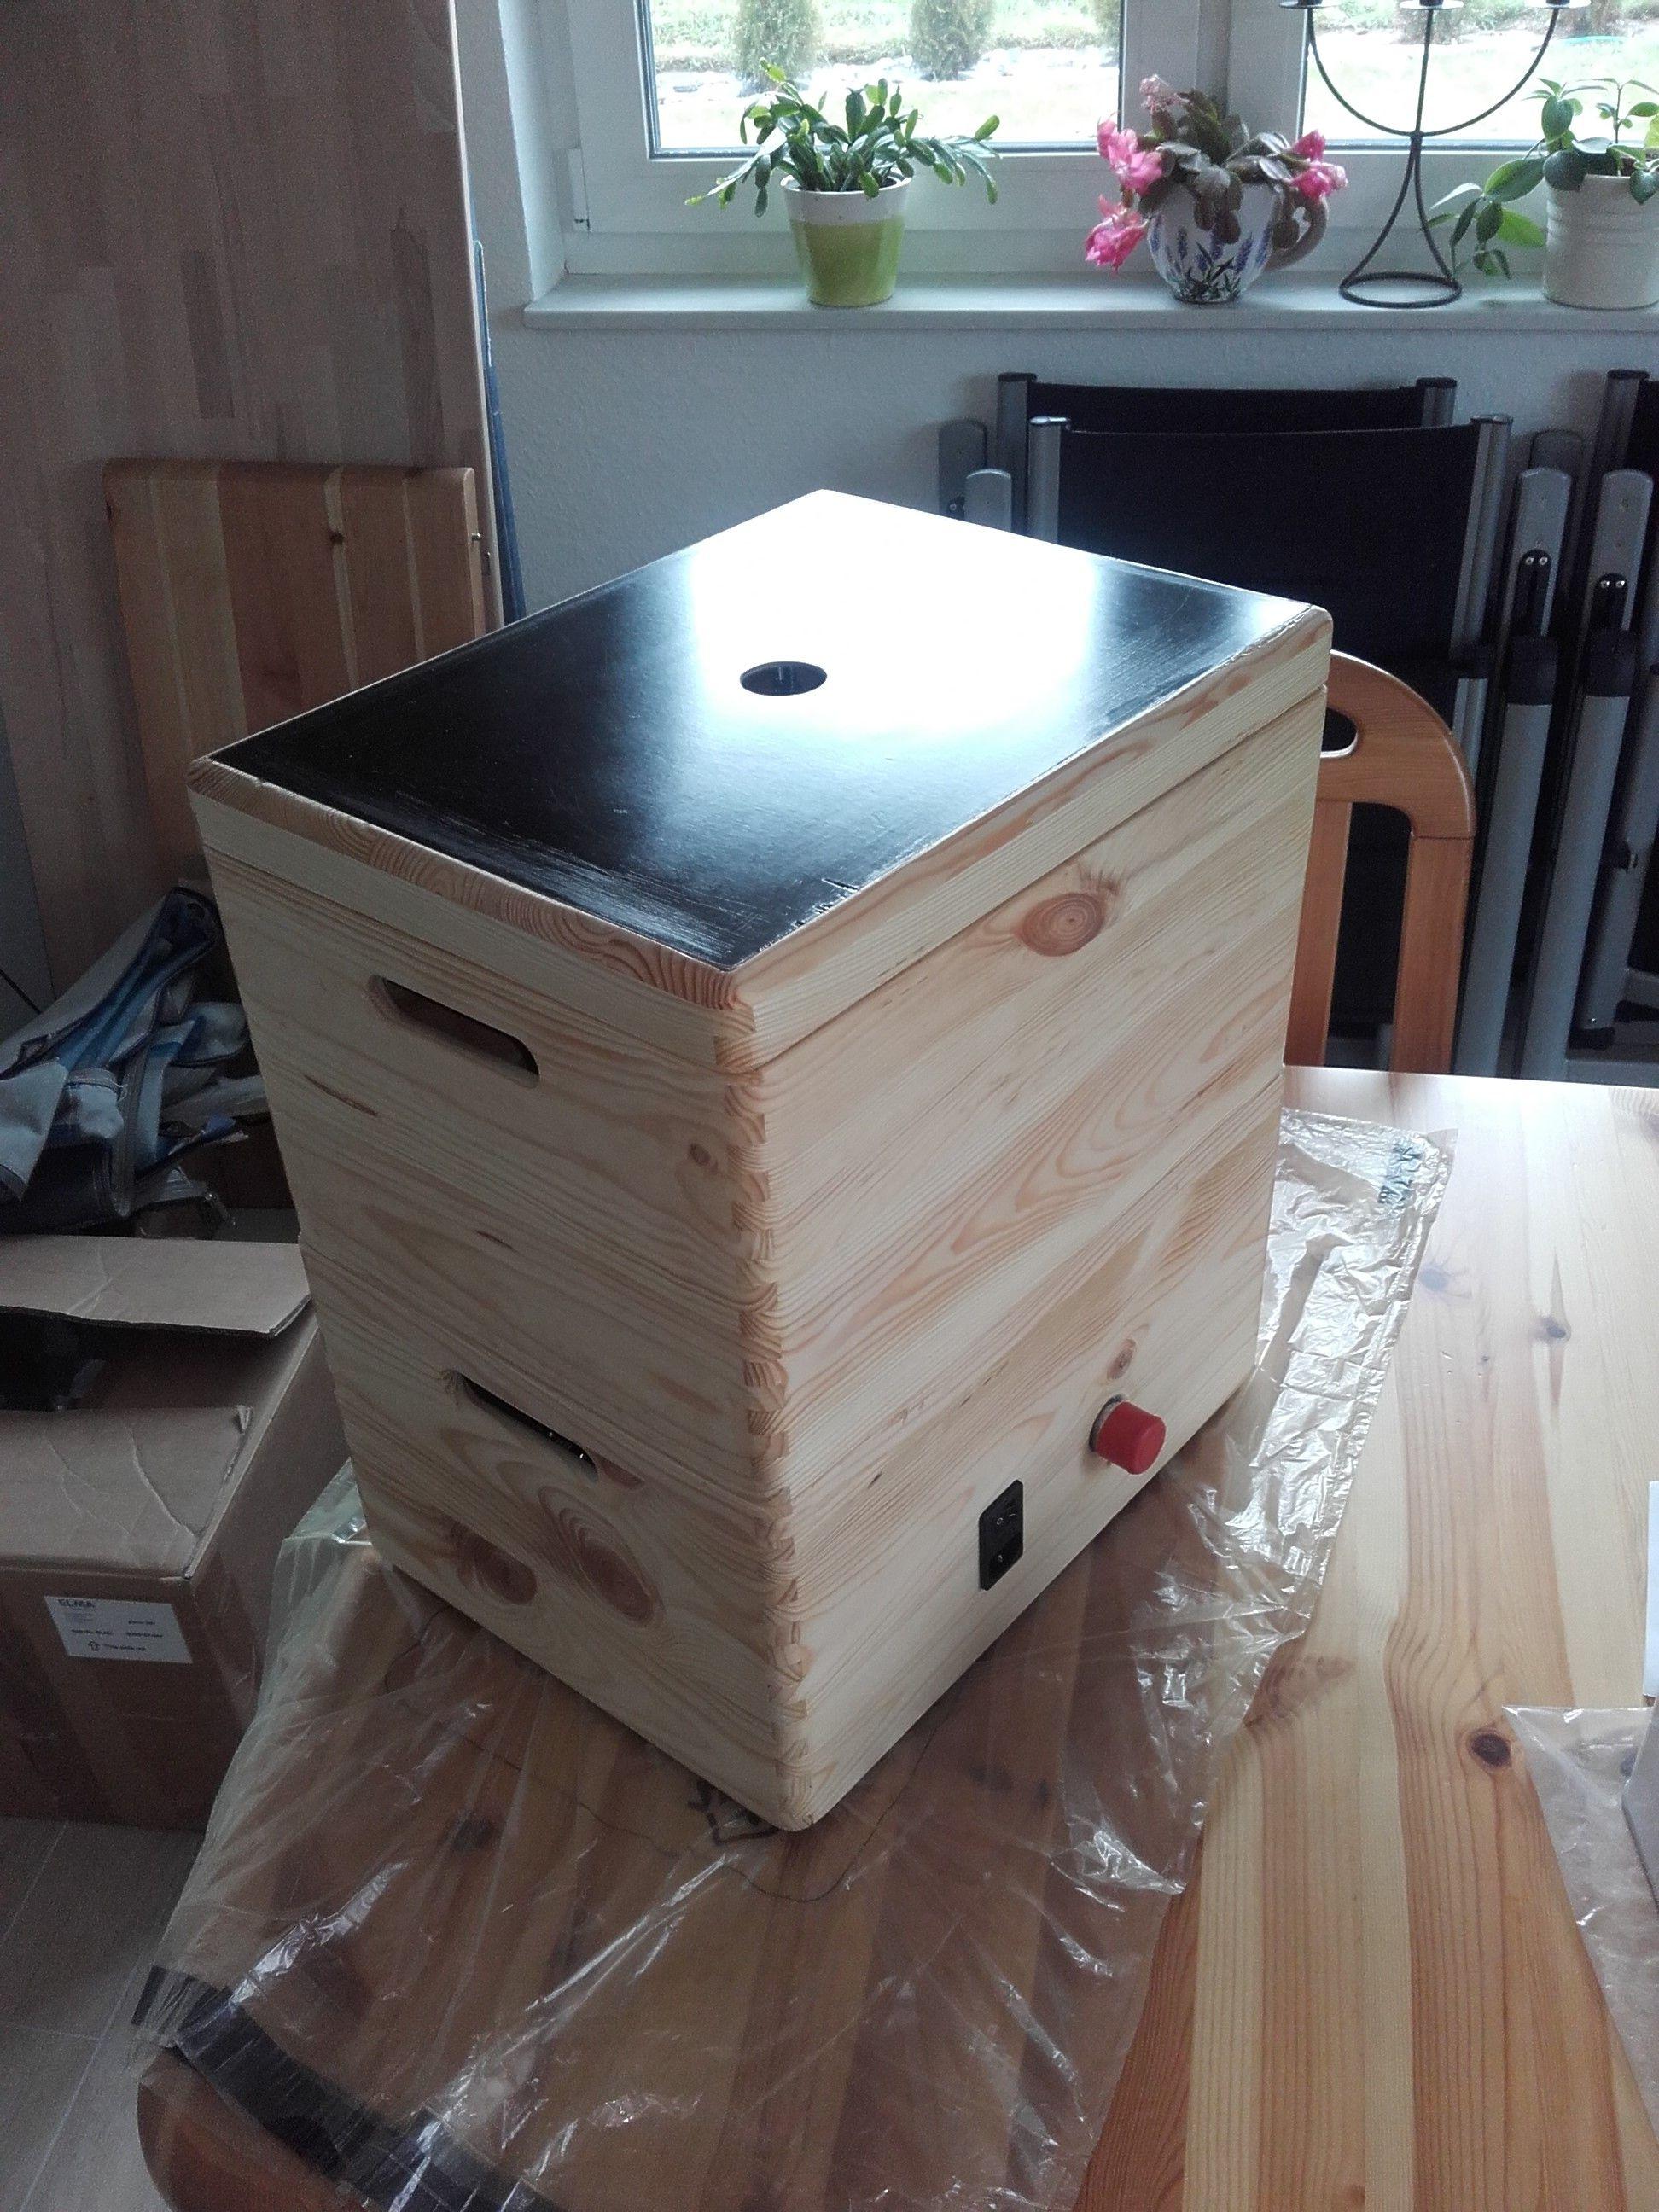 aufbewahrung s fr stisch box f r die oberfr se werkstatthelfer fr se fr sen und fr stisch. Black Bedroom Furniture Sets. Home Design Ideas